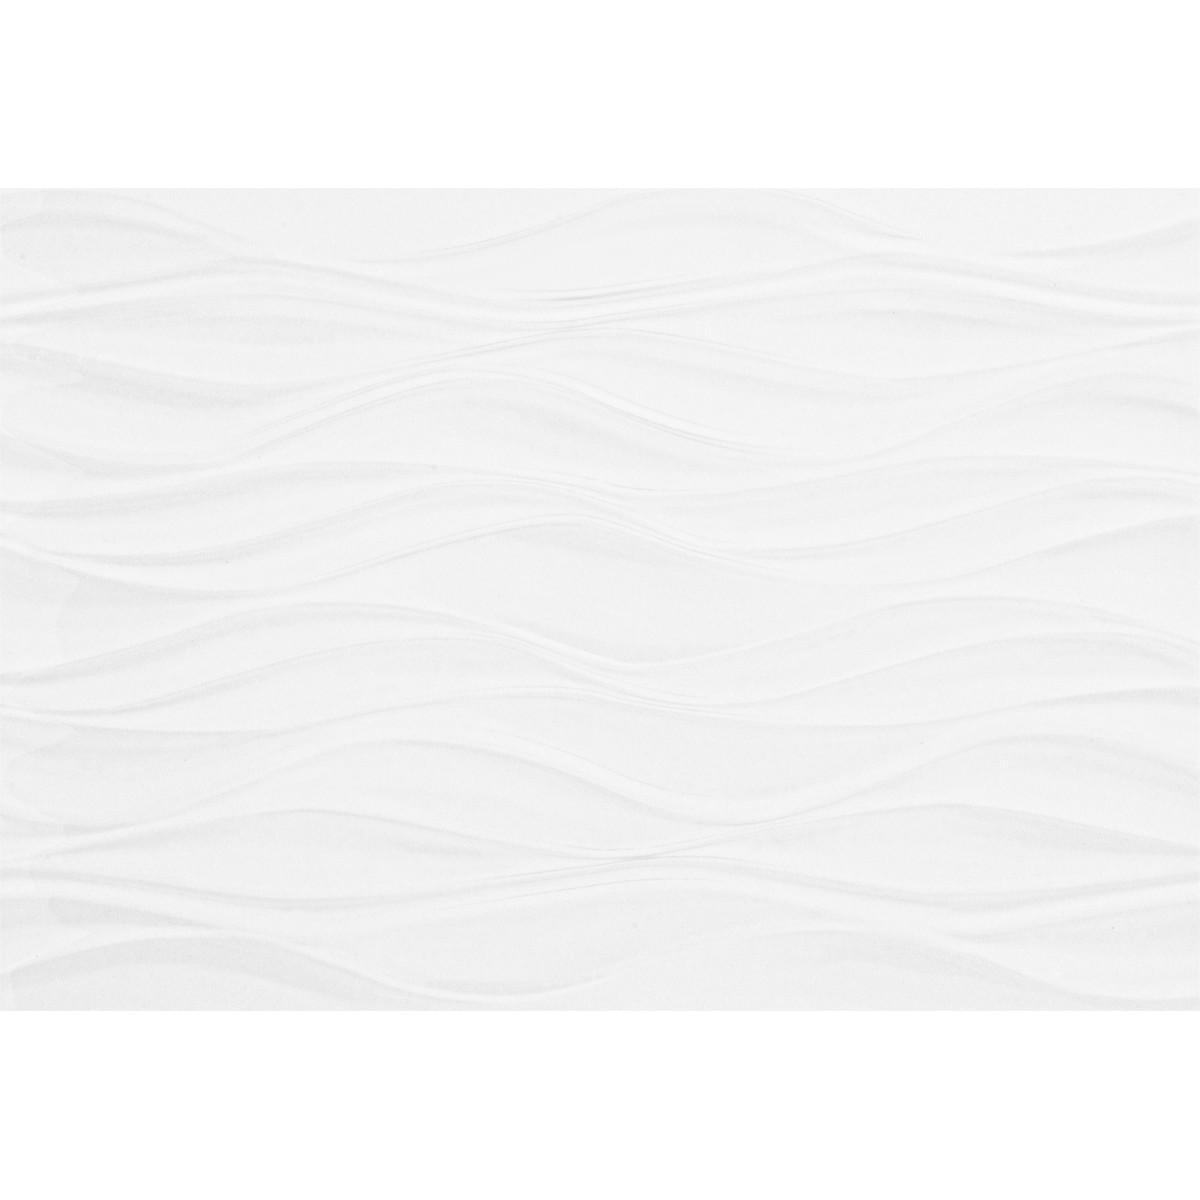 Плитка настенная Орхидея верх 28х40 см 1.232 м2 цвет белый